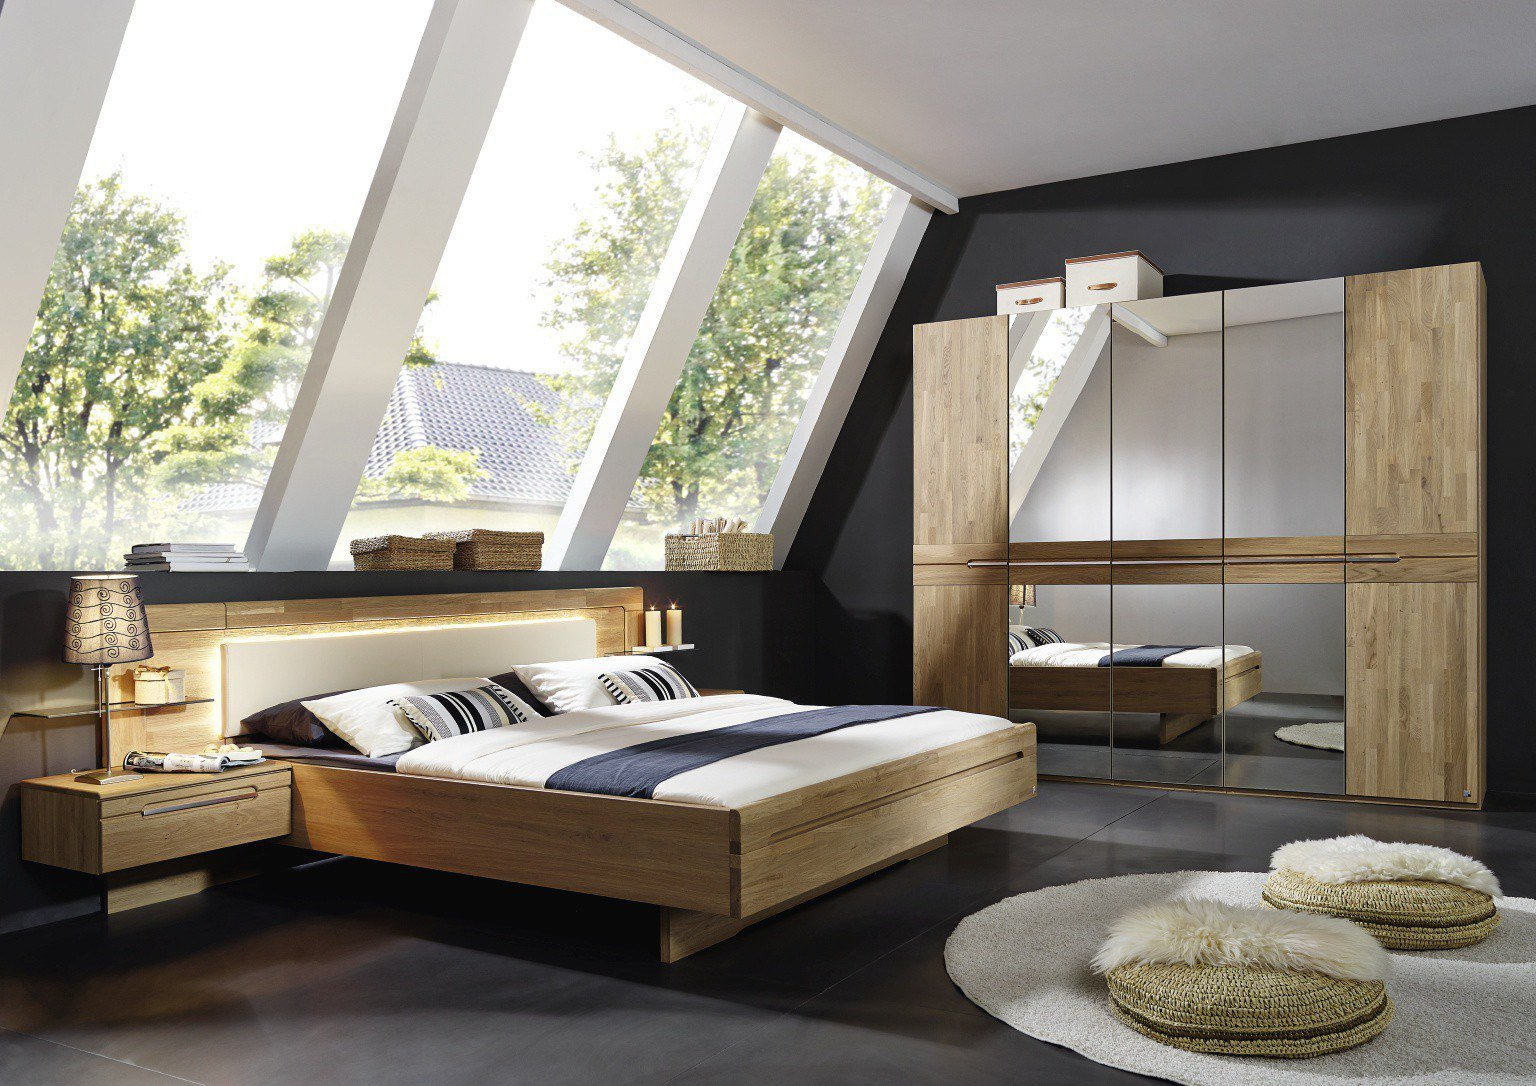 rauch tovalo wildeiche m bel teilmassiv m bel letz ihr online shop. Black Bedroom Furniture Sets. Home Design Ideas